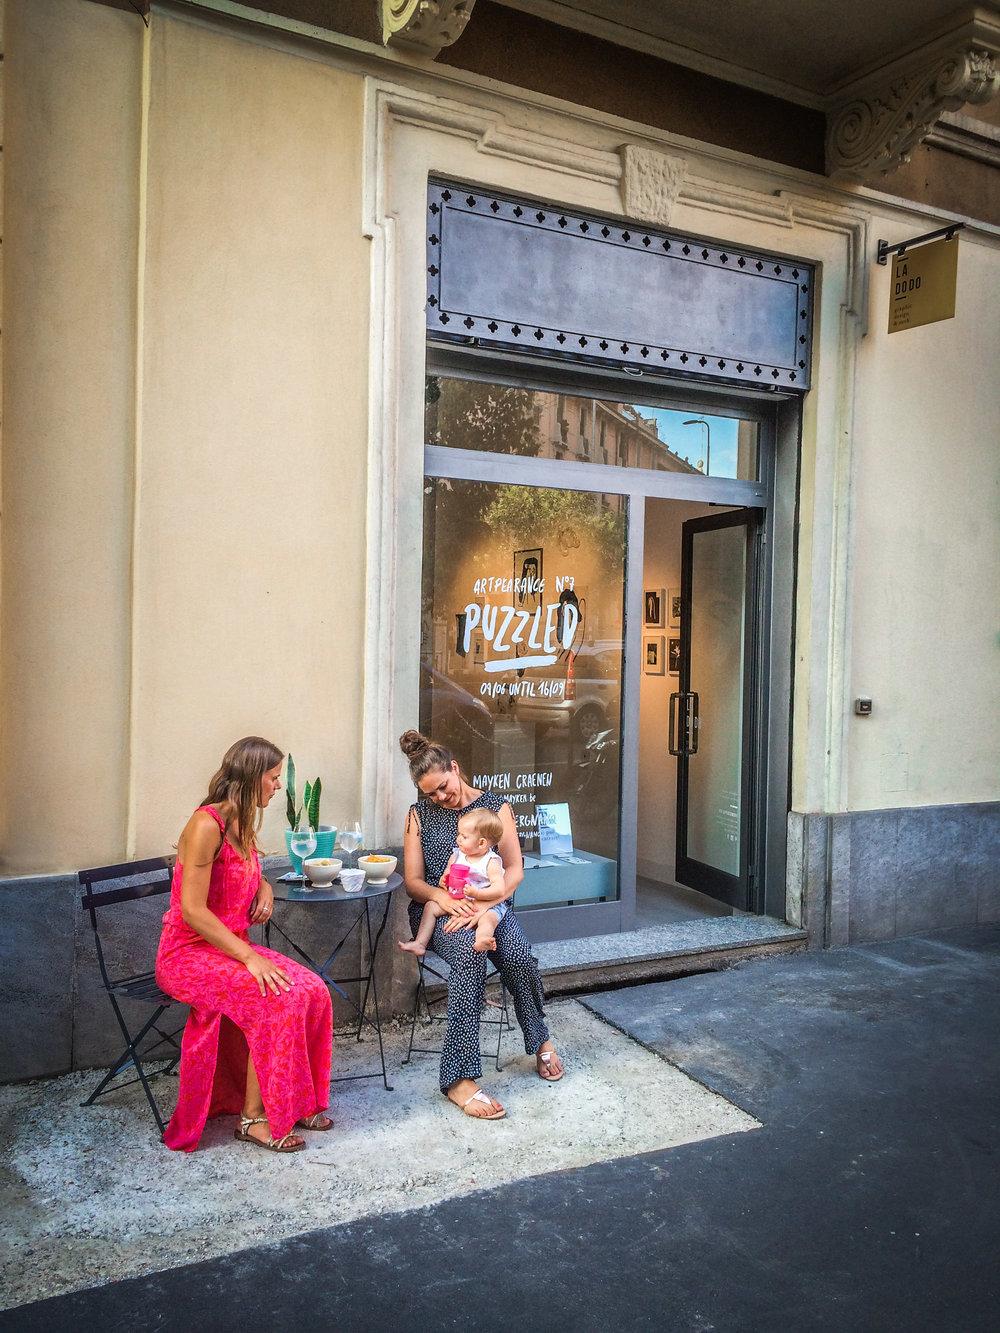 Milaan- Brera- navigli - duomo - Reizen met kinderen - withkidsontheroad-23.jpg